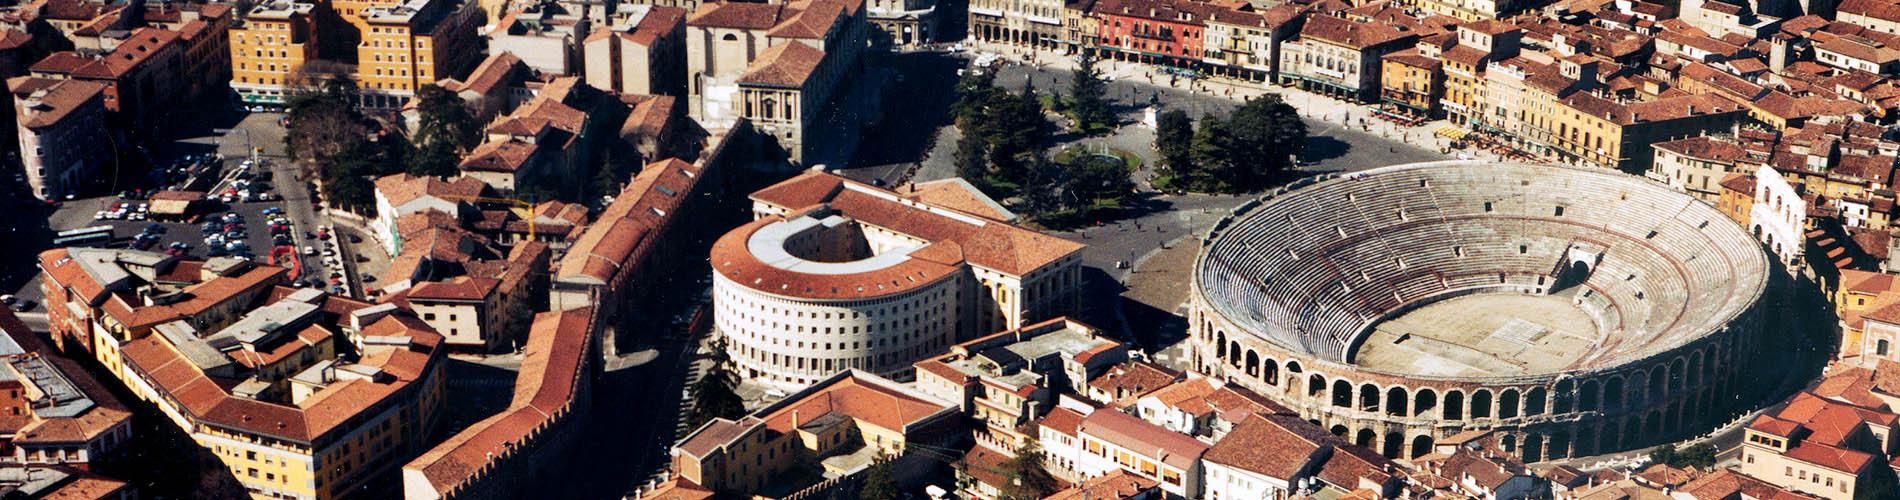 ITALY_GARDA_LAKES_VERONA